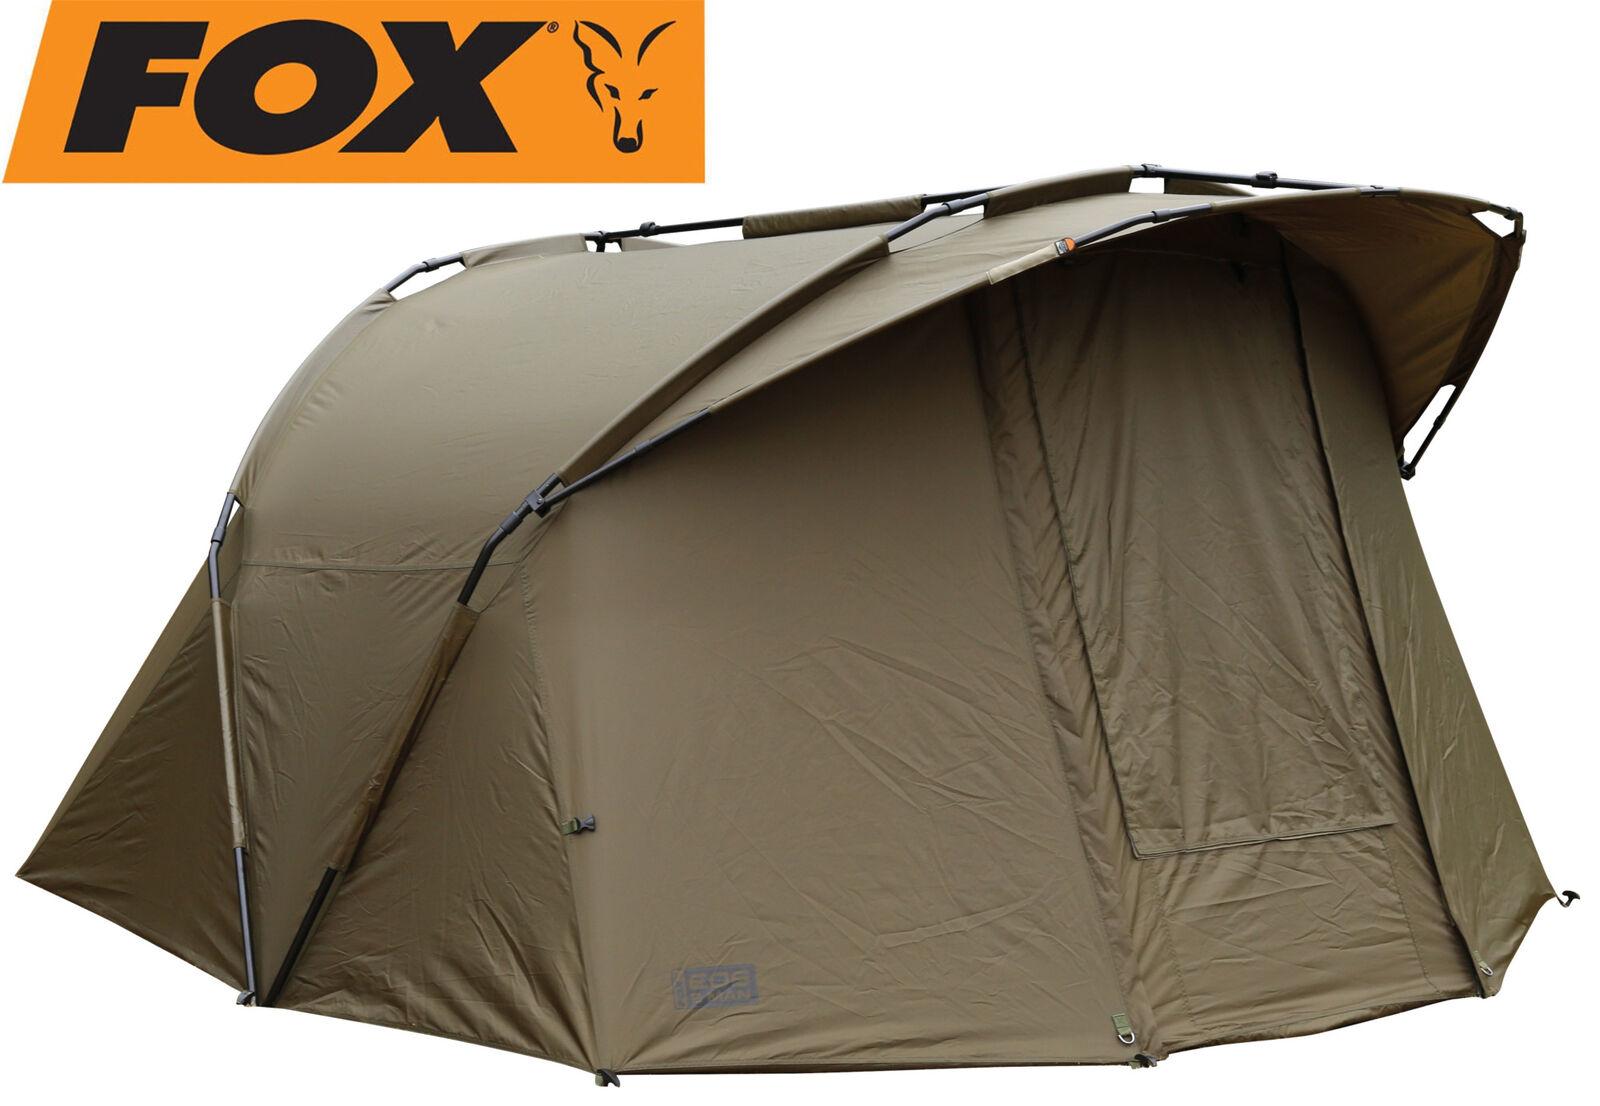 Fox EOS bivvy 2 man man man 275x300x150cm Karpfenzelt zum Nachtangeln, Angelzelt b007df